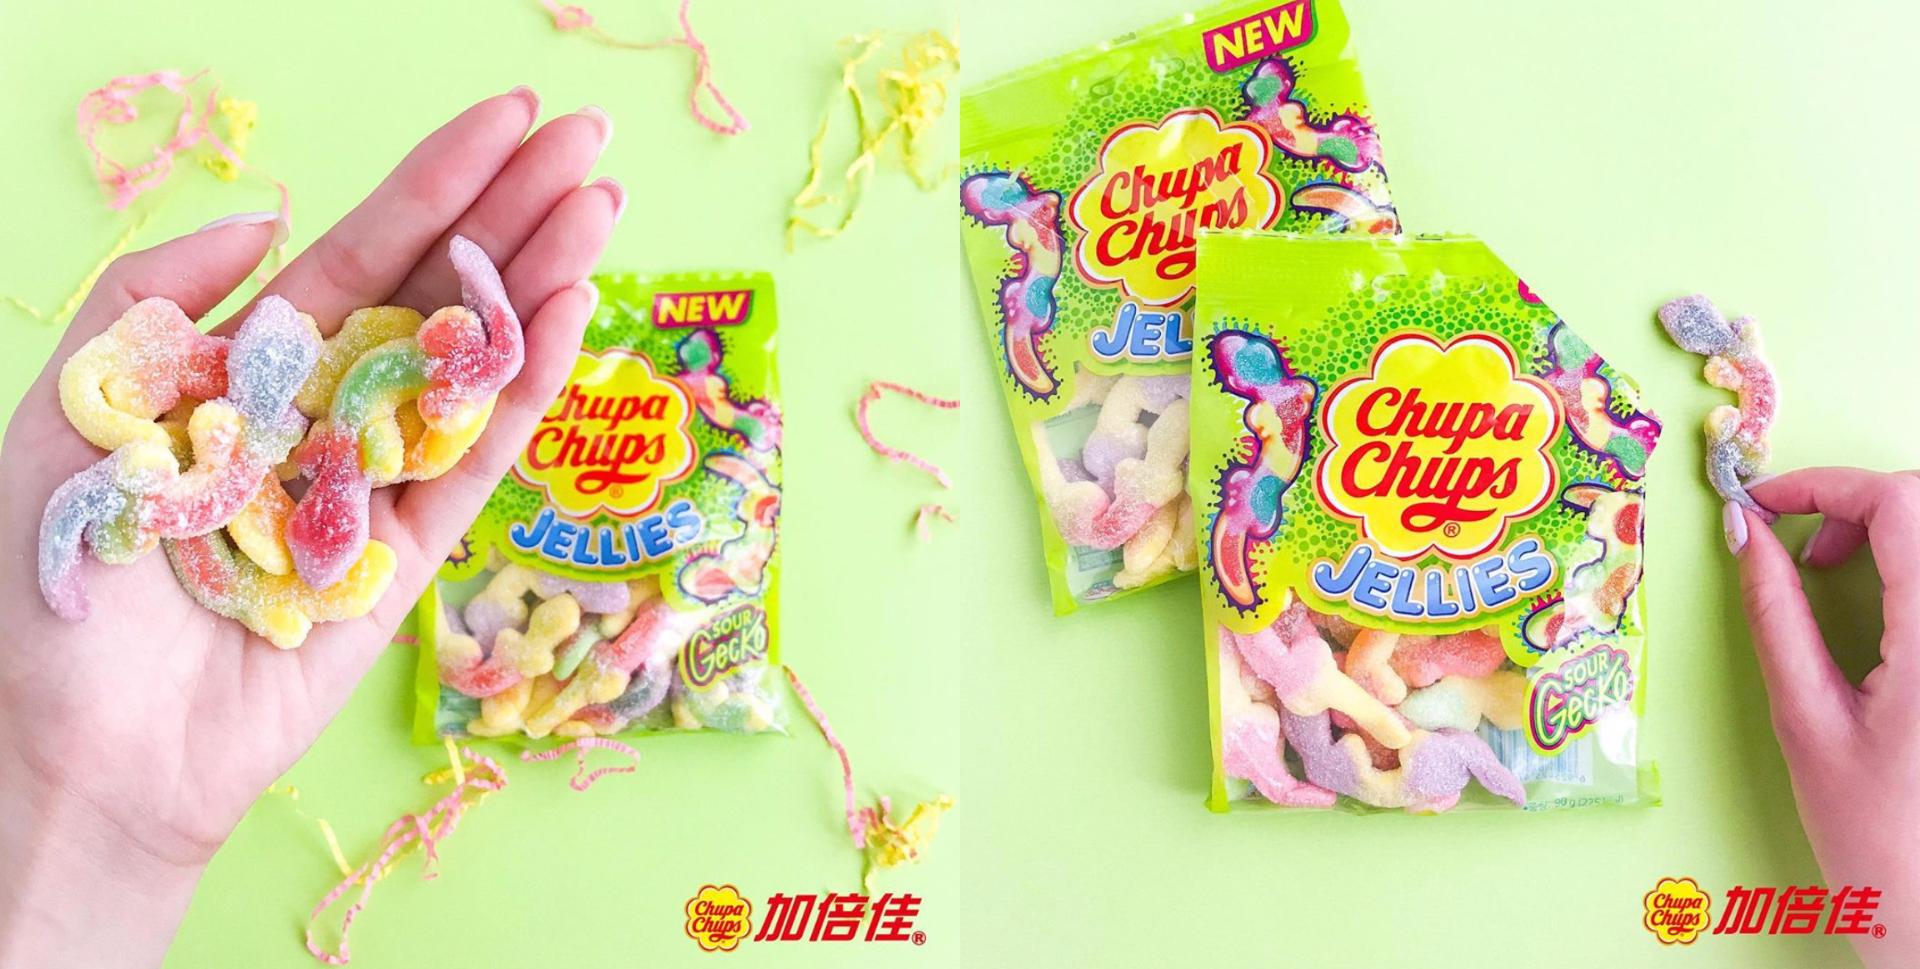 这个壁虎软糖你敢不敢品尝?-图摘自台湾加倍佳ig-